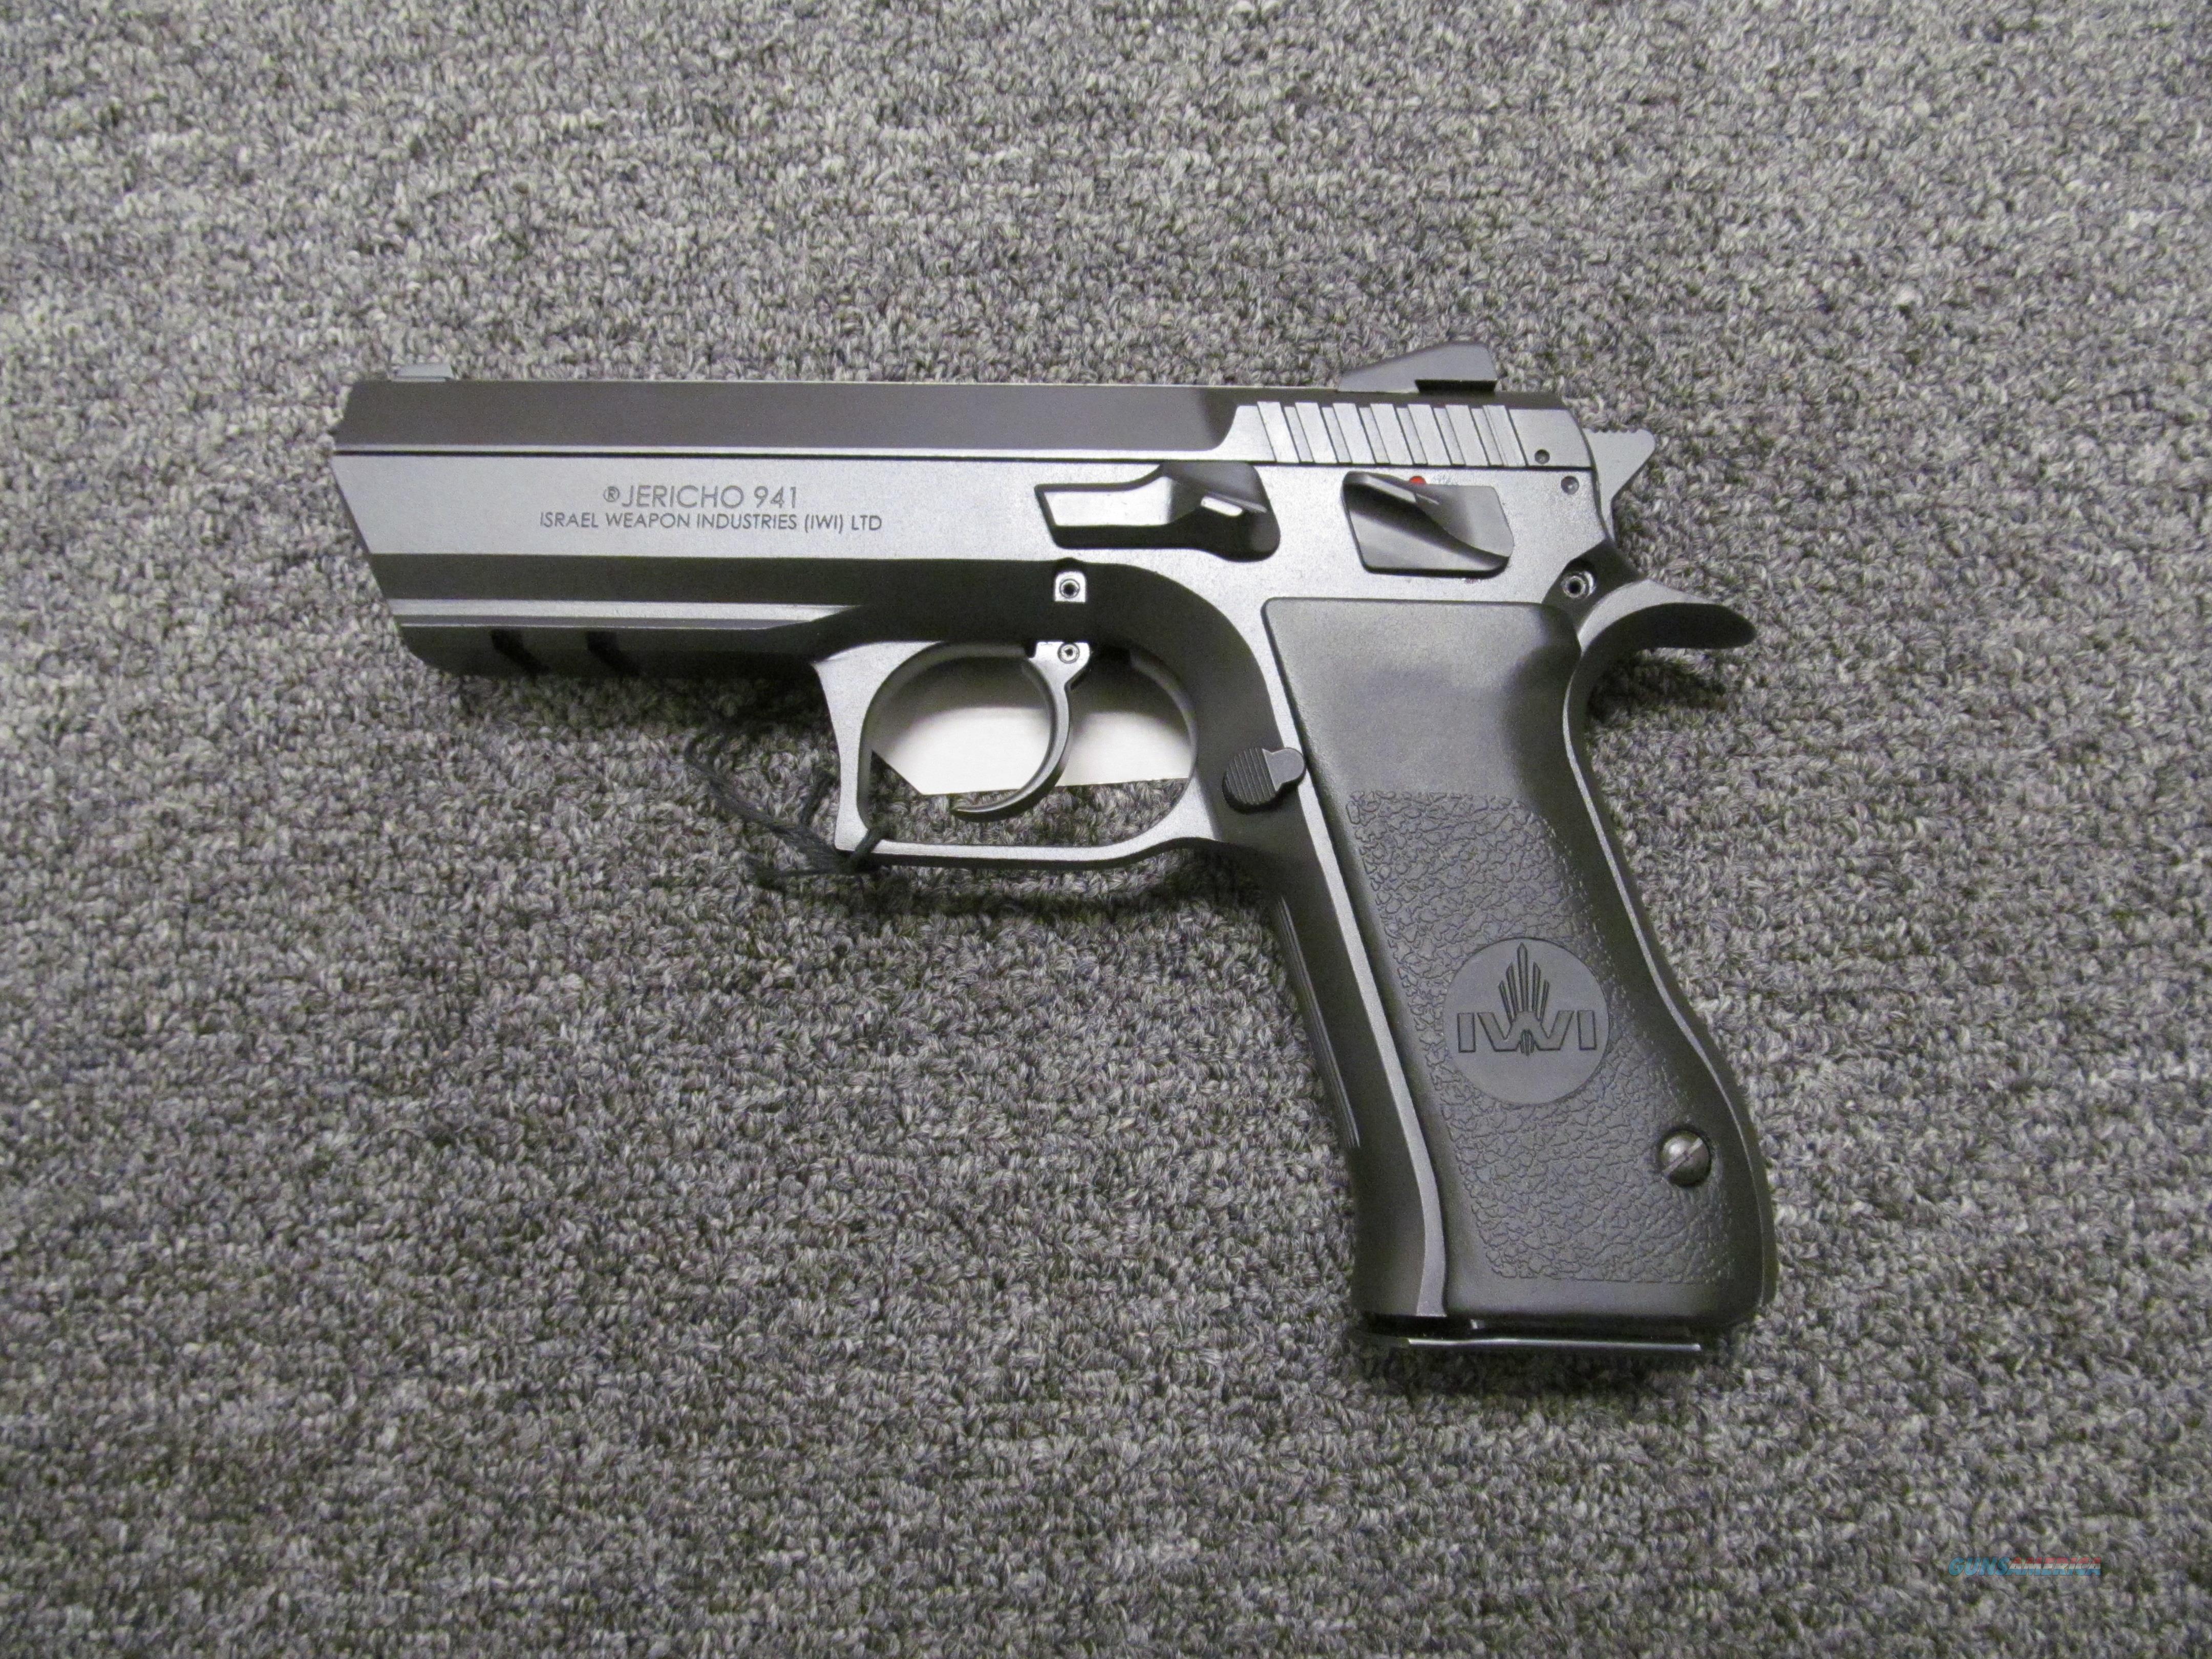 IWI Jericho 941 (J941F9)  Guns > Pistols > IWI Pistols